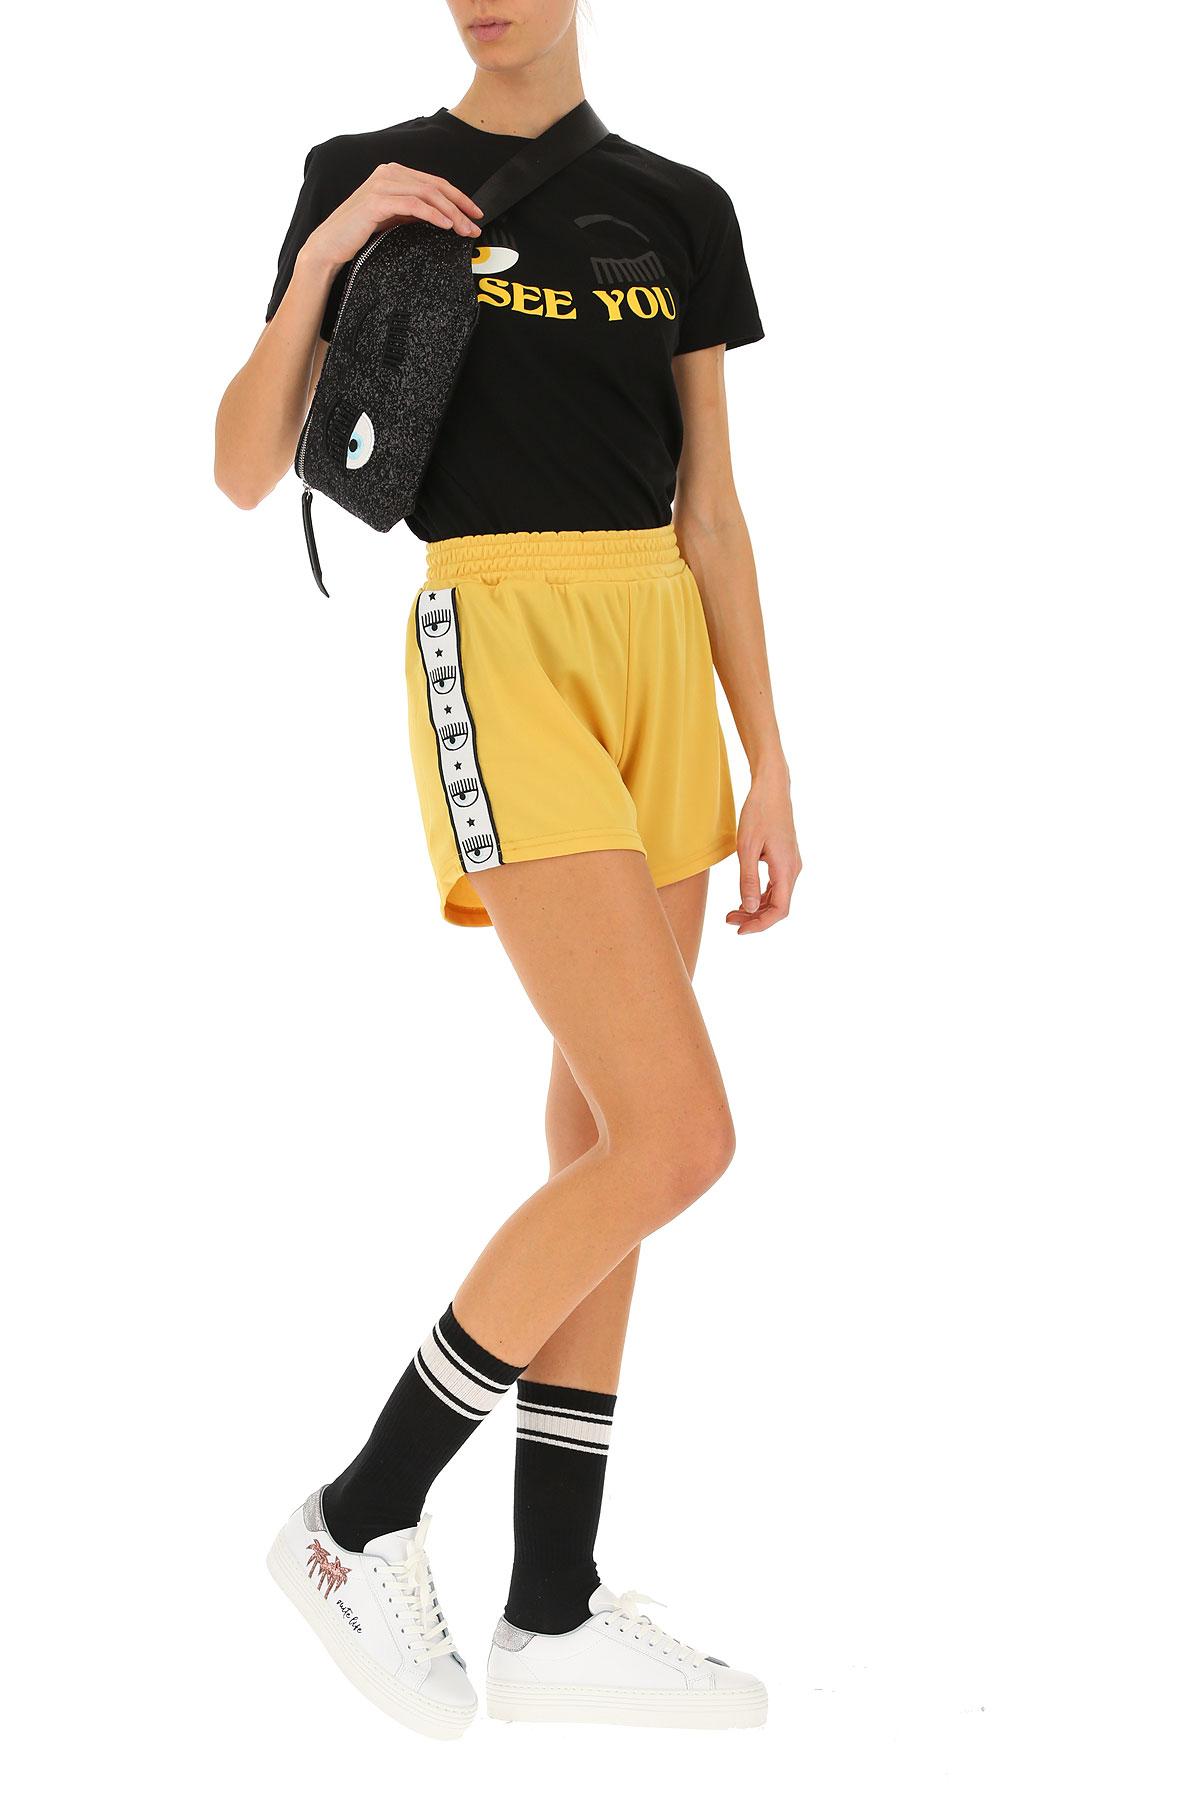 Blanco Ferragni Mujer Para Ropa Negro 2019 Chiara Primavera verano nbsp;amarillo R1qp1w6n